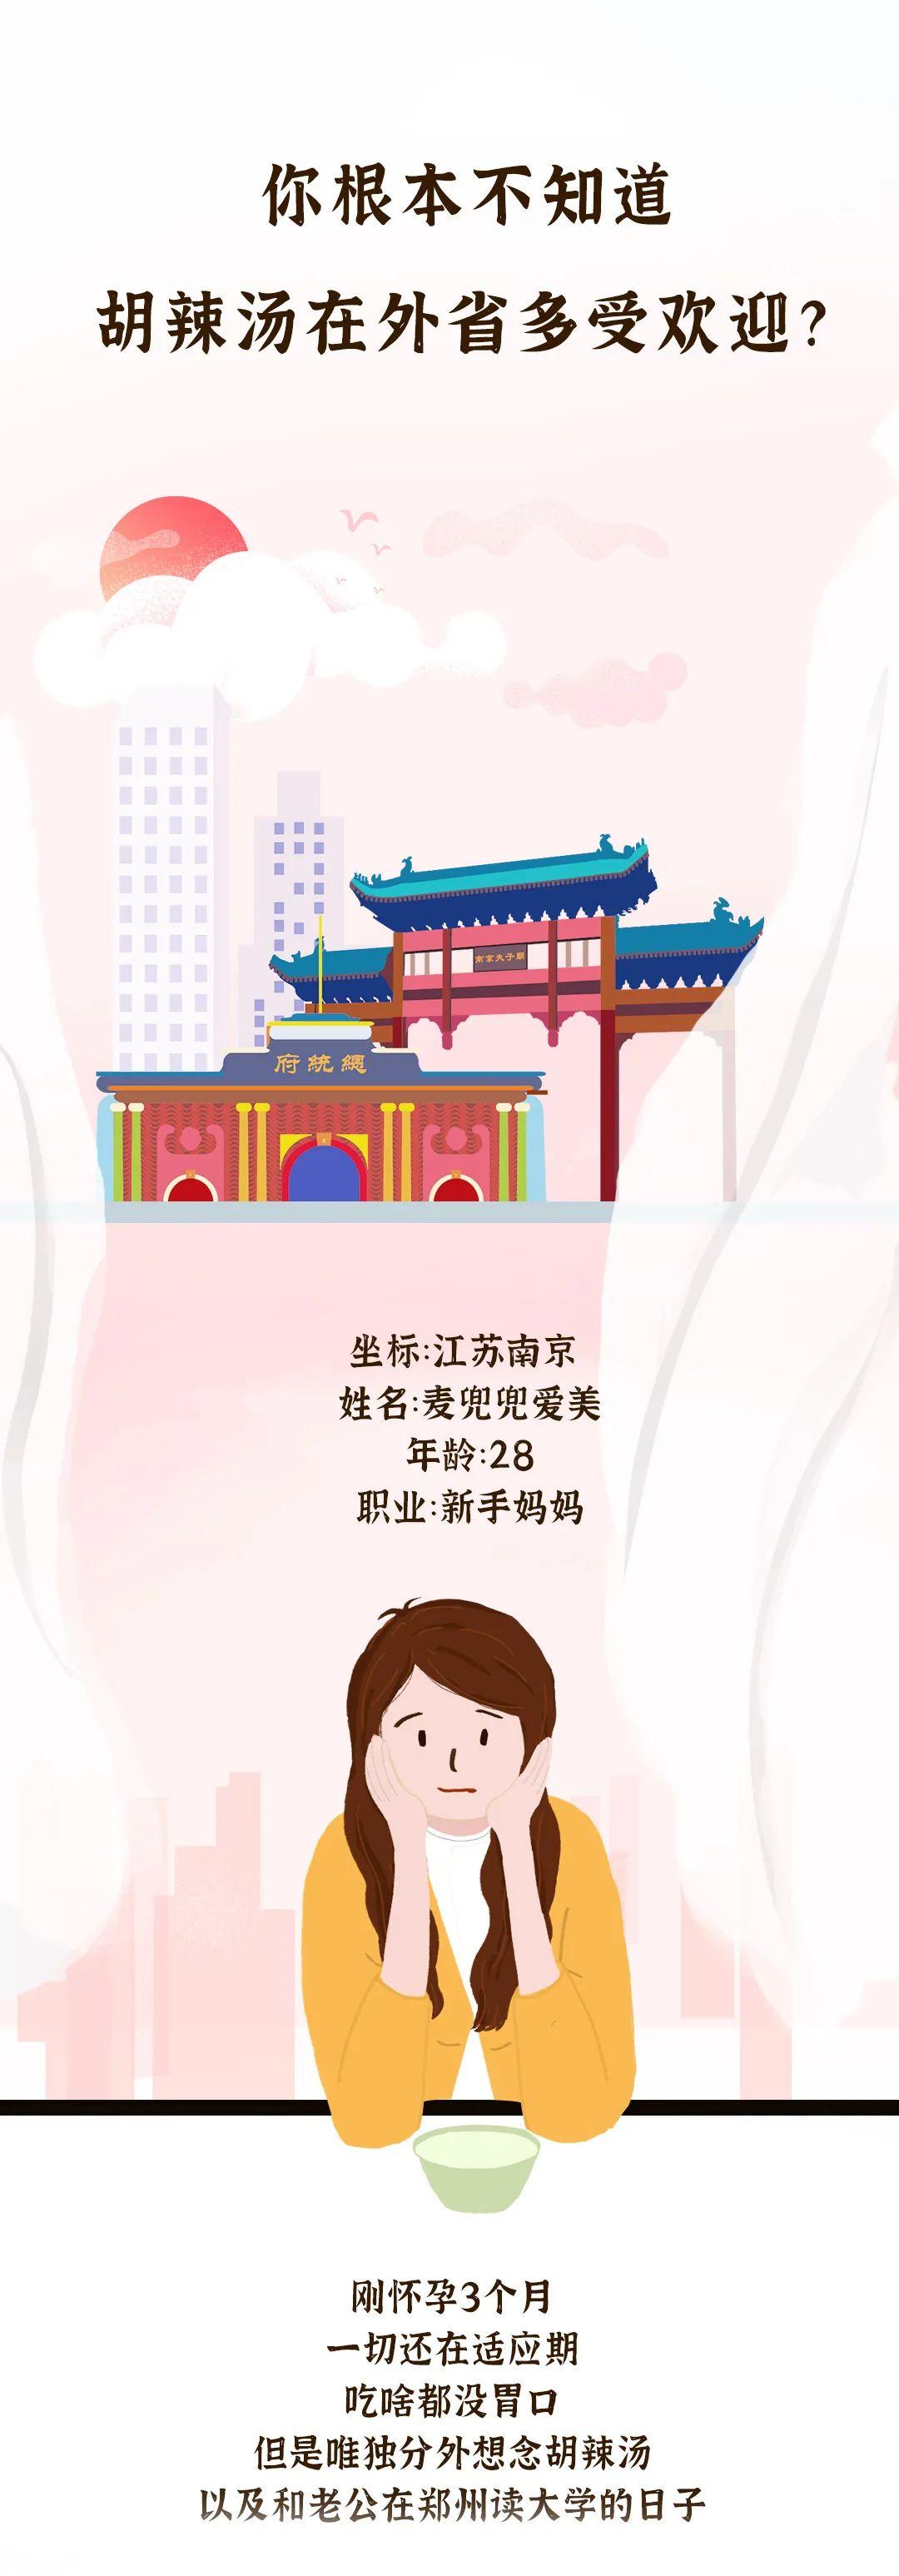 方一坤野山菌胡辣汤,在南京卖爆了